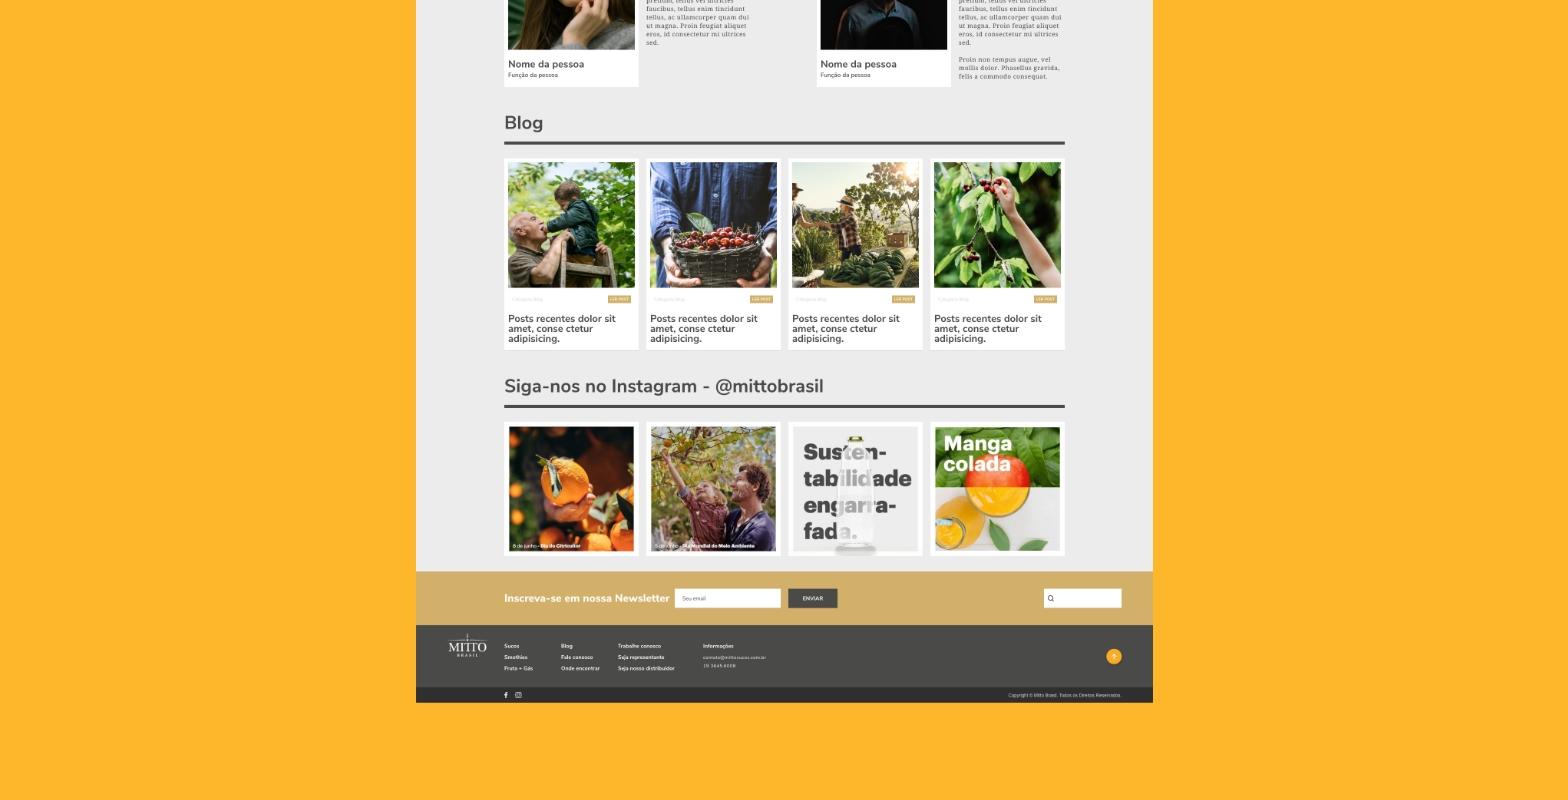 Mitto - Identidade visual e Branding (8)